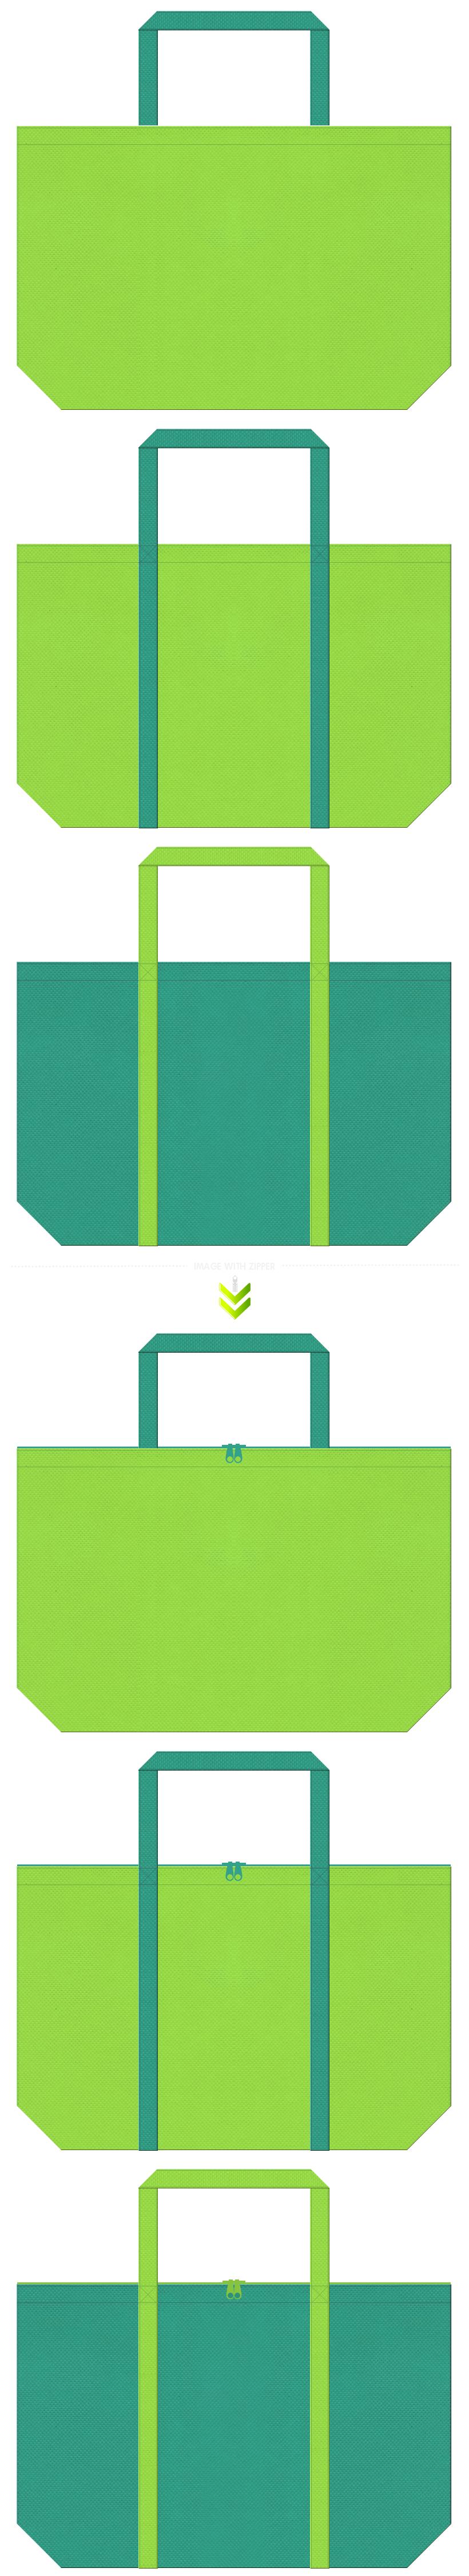 カッパ・カエル・バッタ・アニメ・キャラクター・おもちゃ・ロールプレイングゲーム・新緑・草原・種苗・園芸用品・森林浴・入浴剤・掃除用品・家庭用品・緑化推進・CO2削減・環境・エコバッグにお奨めの不織布バッグデザイン:黄緑色と青緑色のコーデ